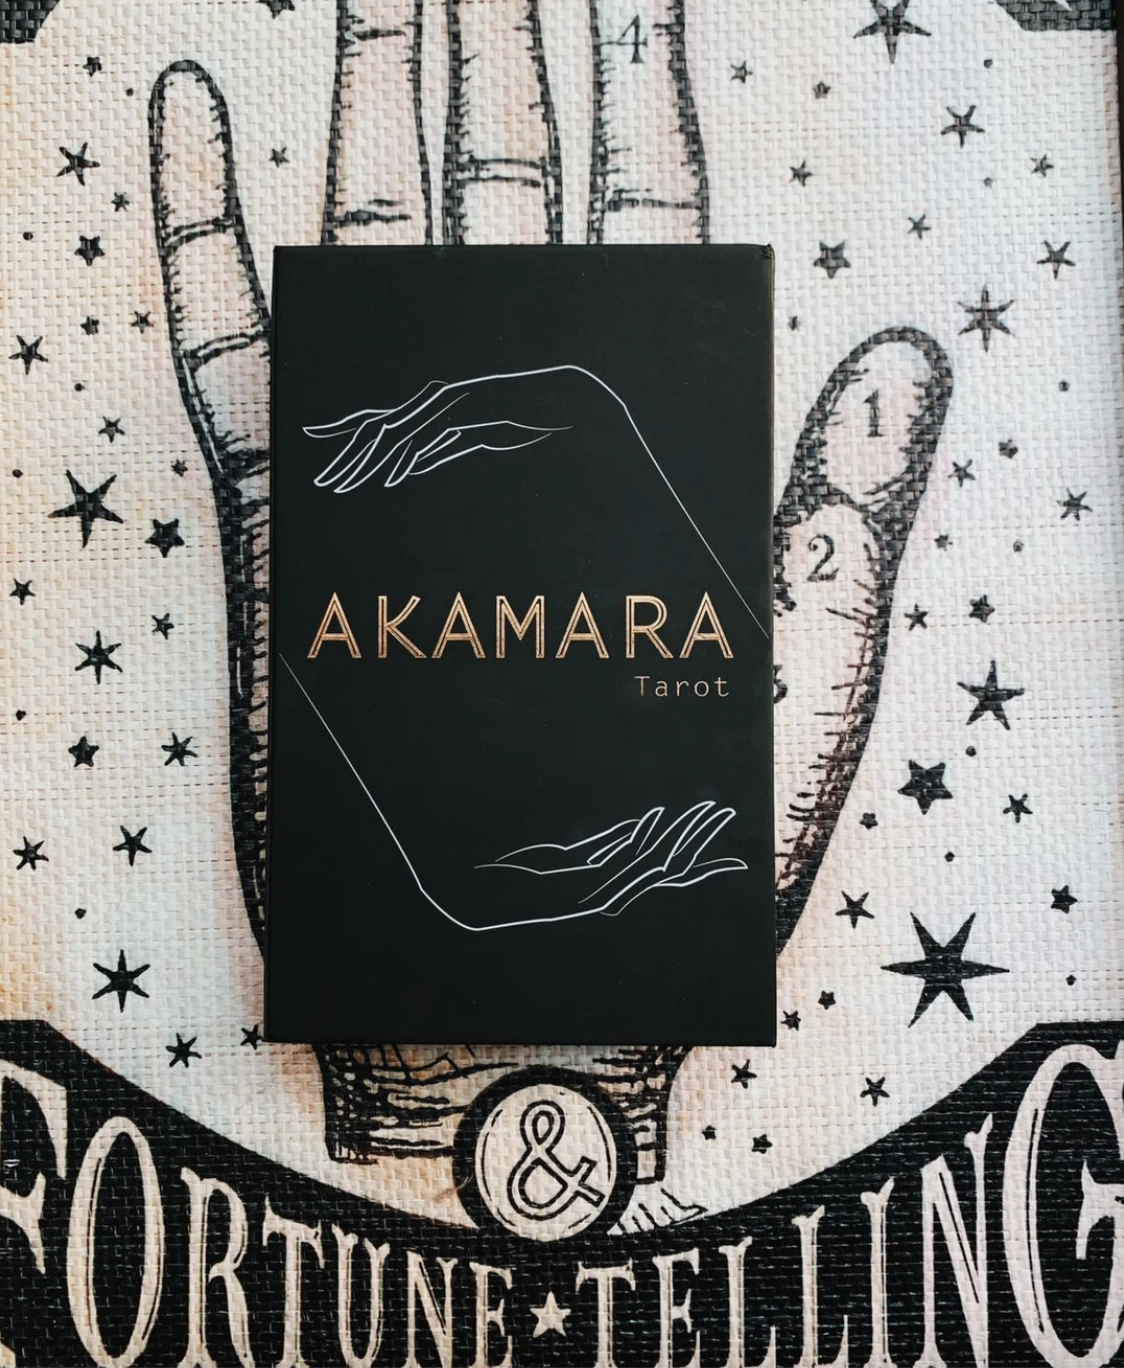 Akamara Tarot